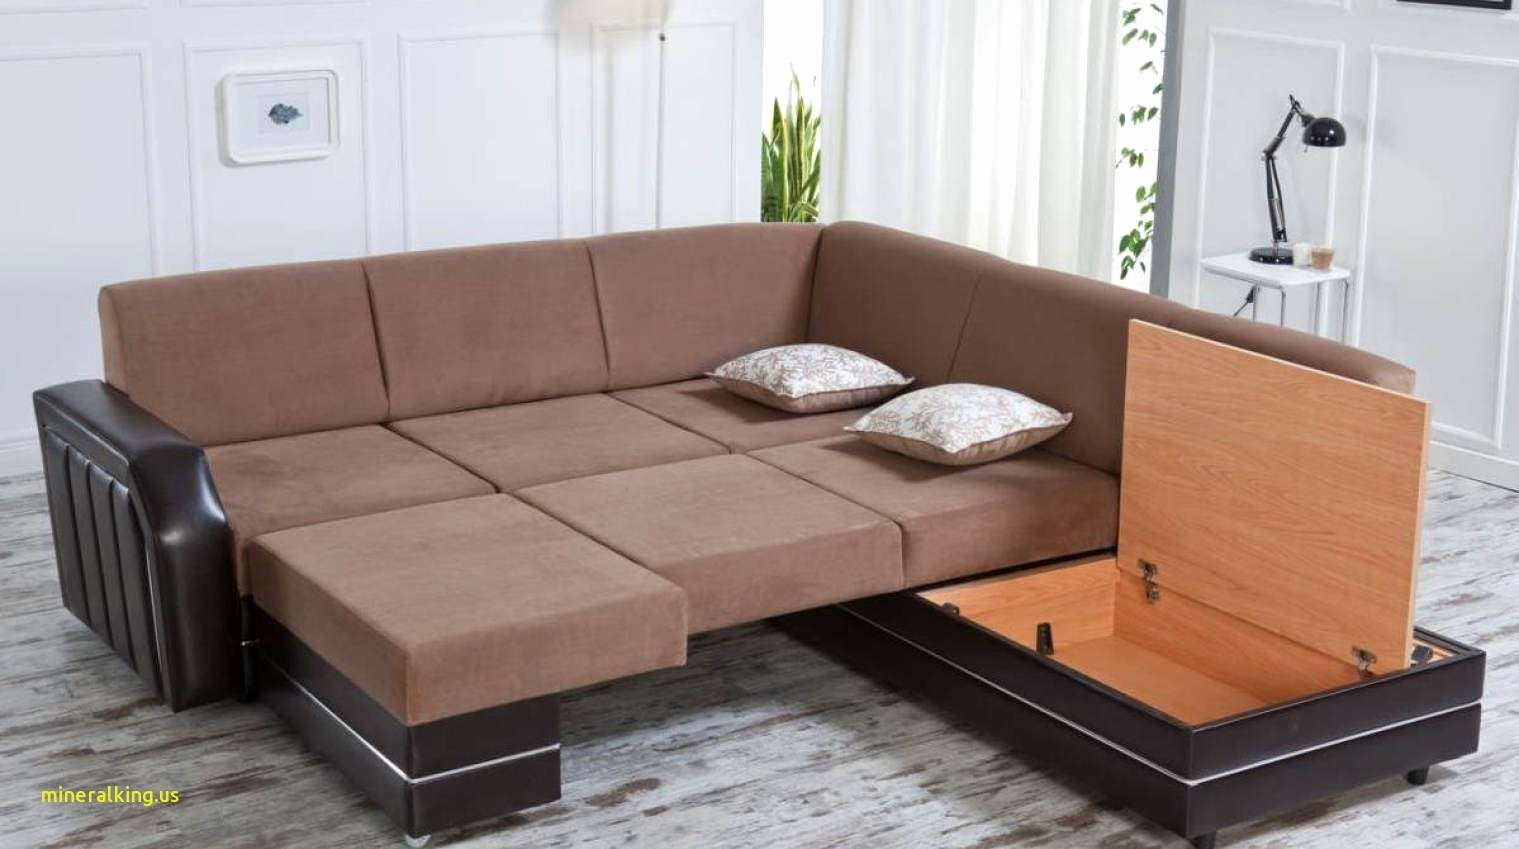 Canapé Convertible Confortable Bultex Unique Collection Les 20 Nouveau Canapé Bultex S